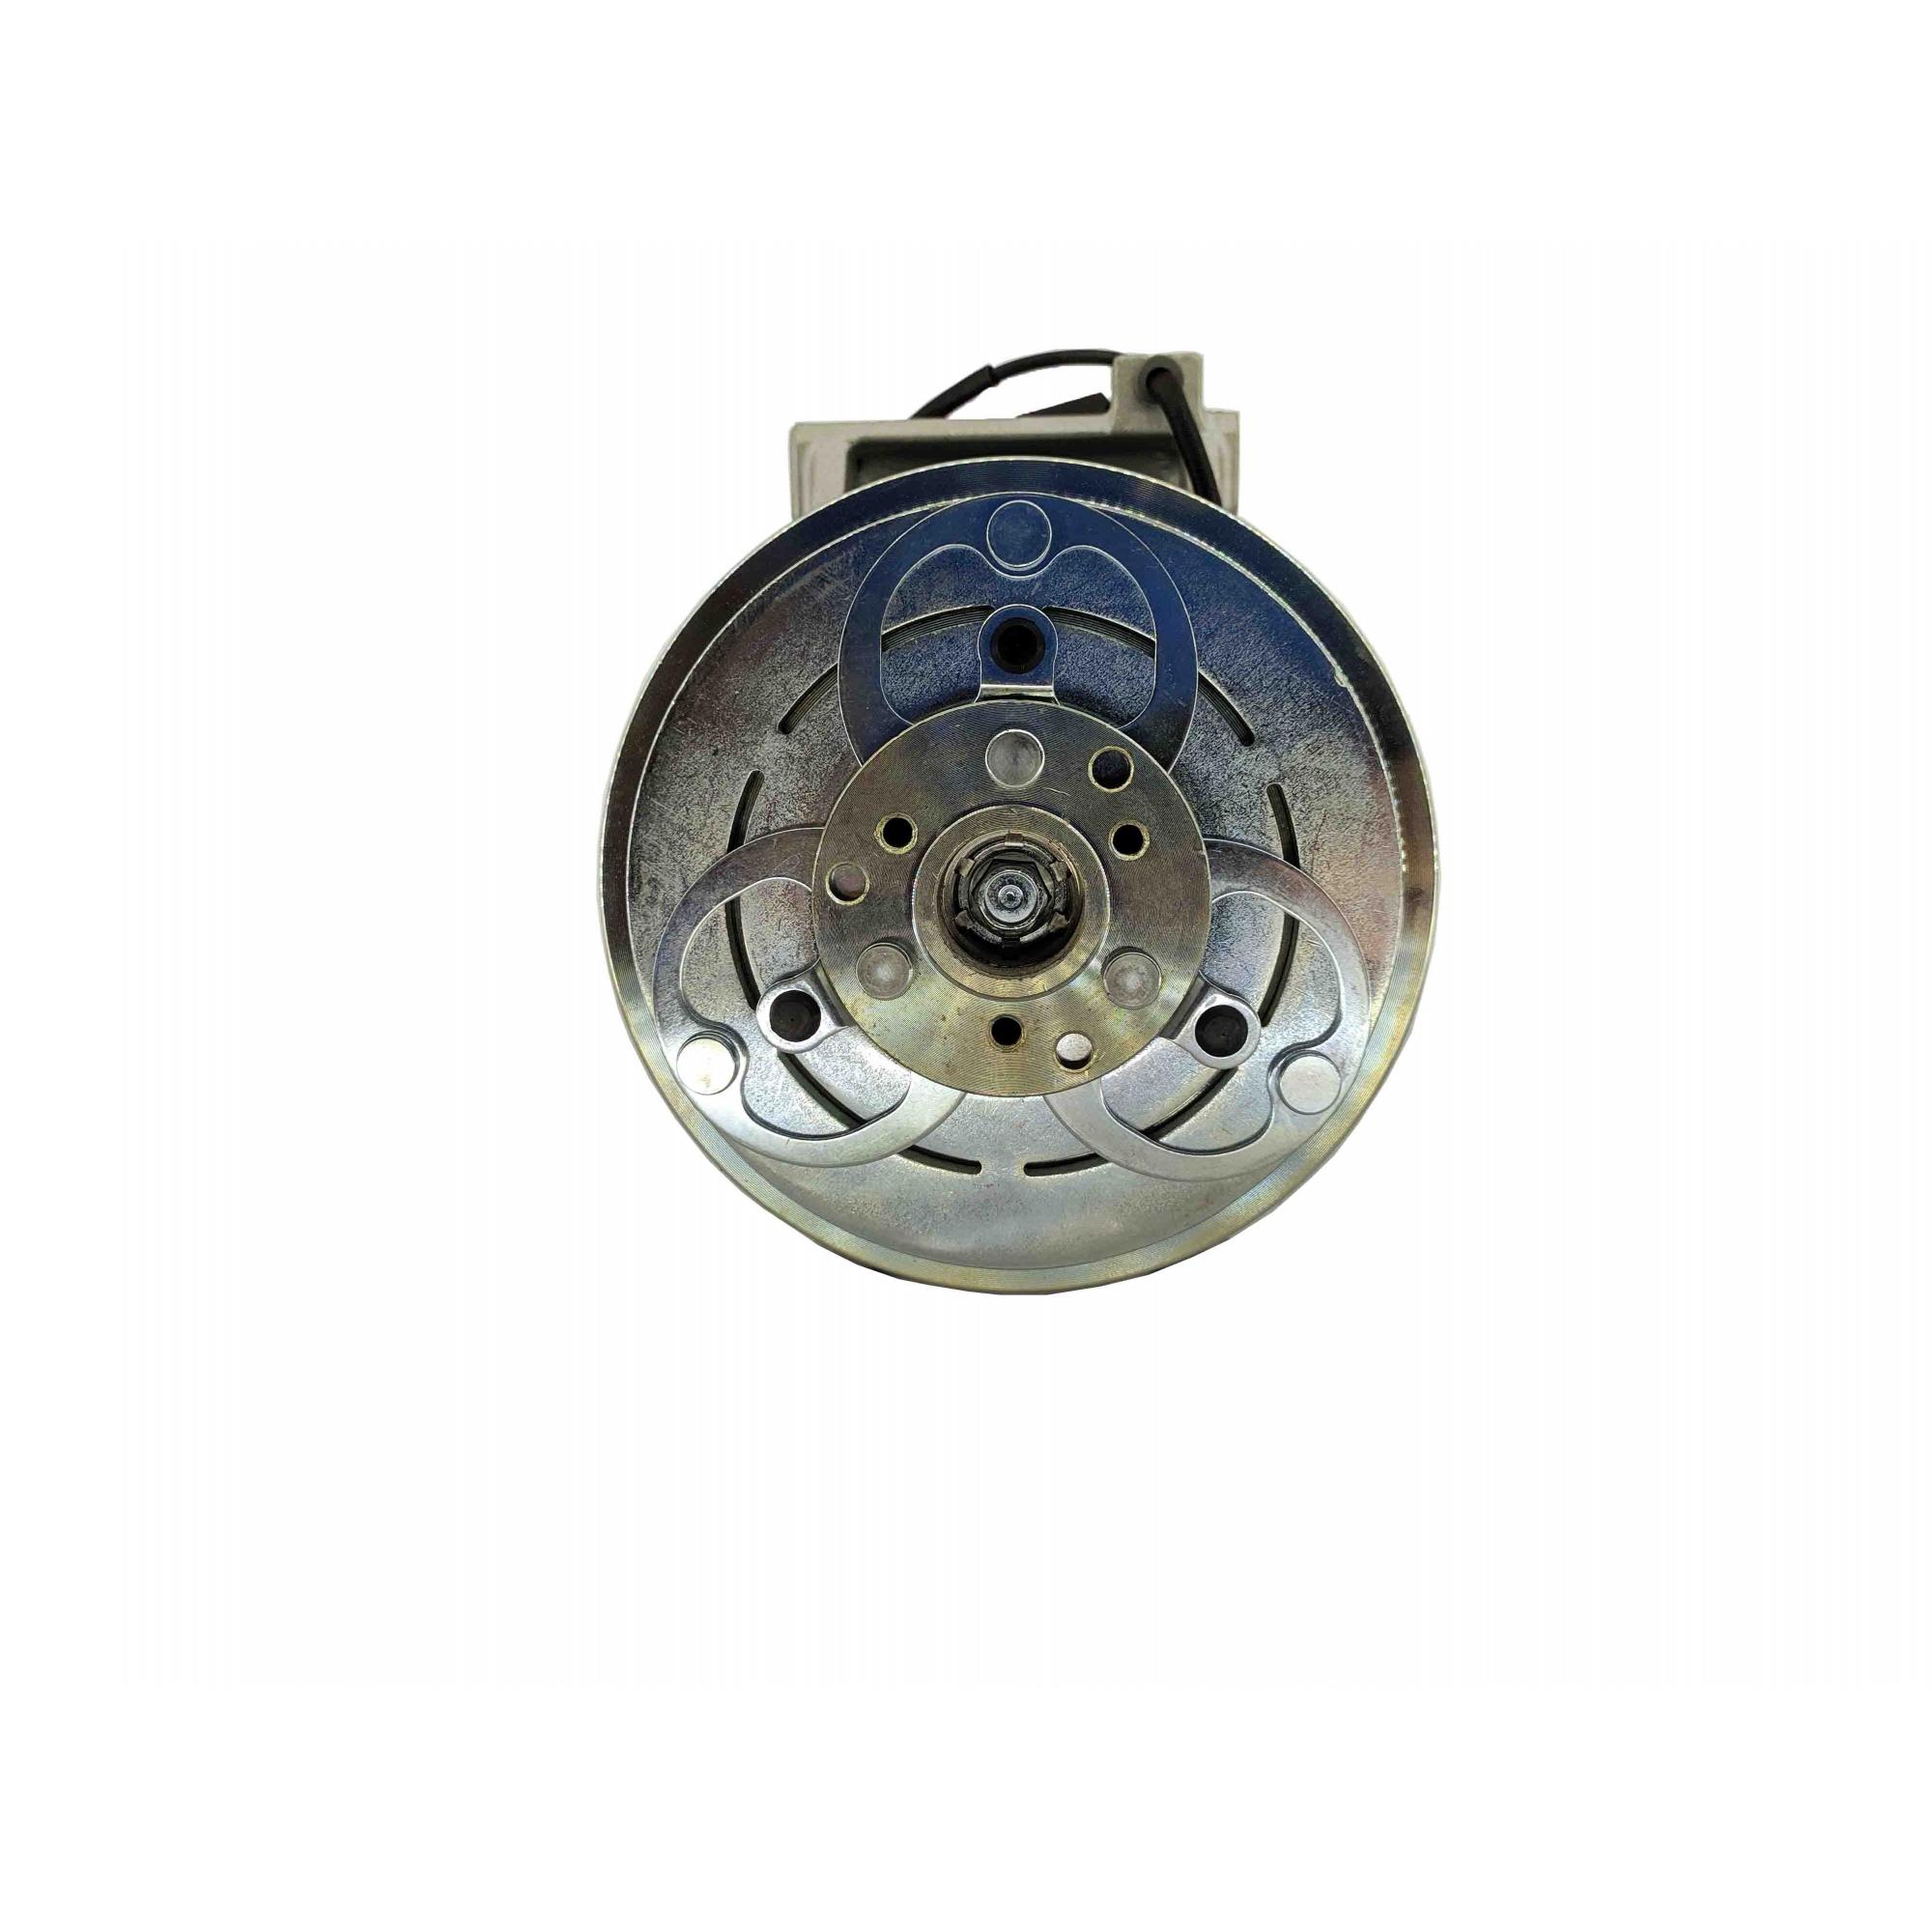 Compressor Ar L200 Triton 2006 2007 2008 2009 2010 2011 2012